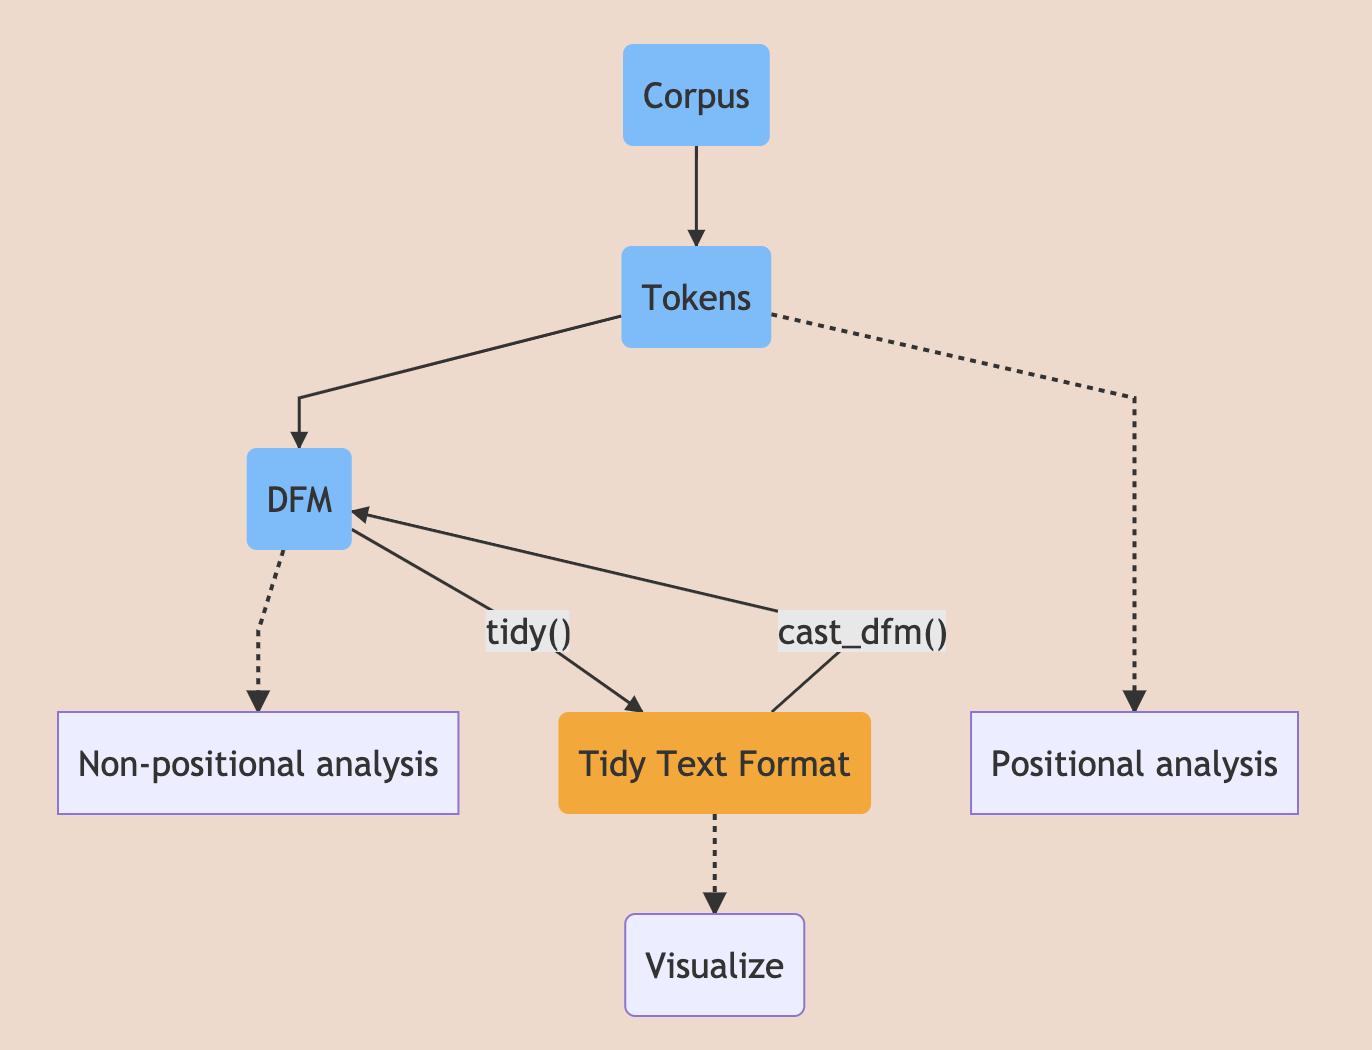 Introduction To Data Science With R Filtra per licenza per scoprire solo alternative gratuite o questo elenco contiene un totale di 3 app simili a melobytes. introduction to data science with r